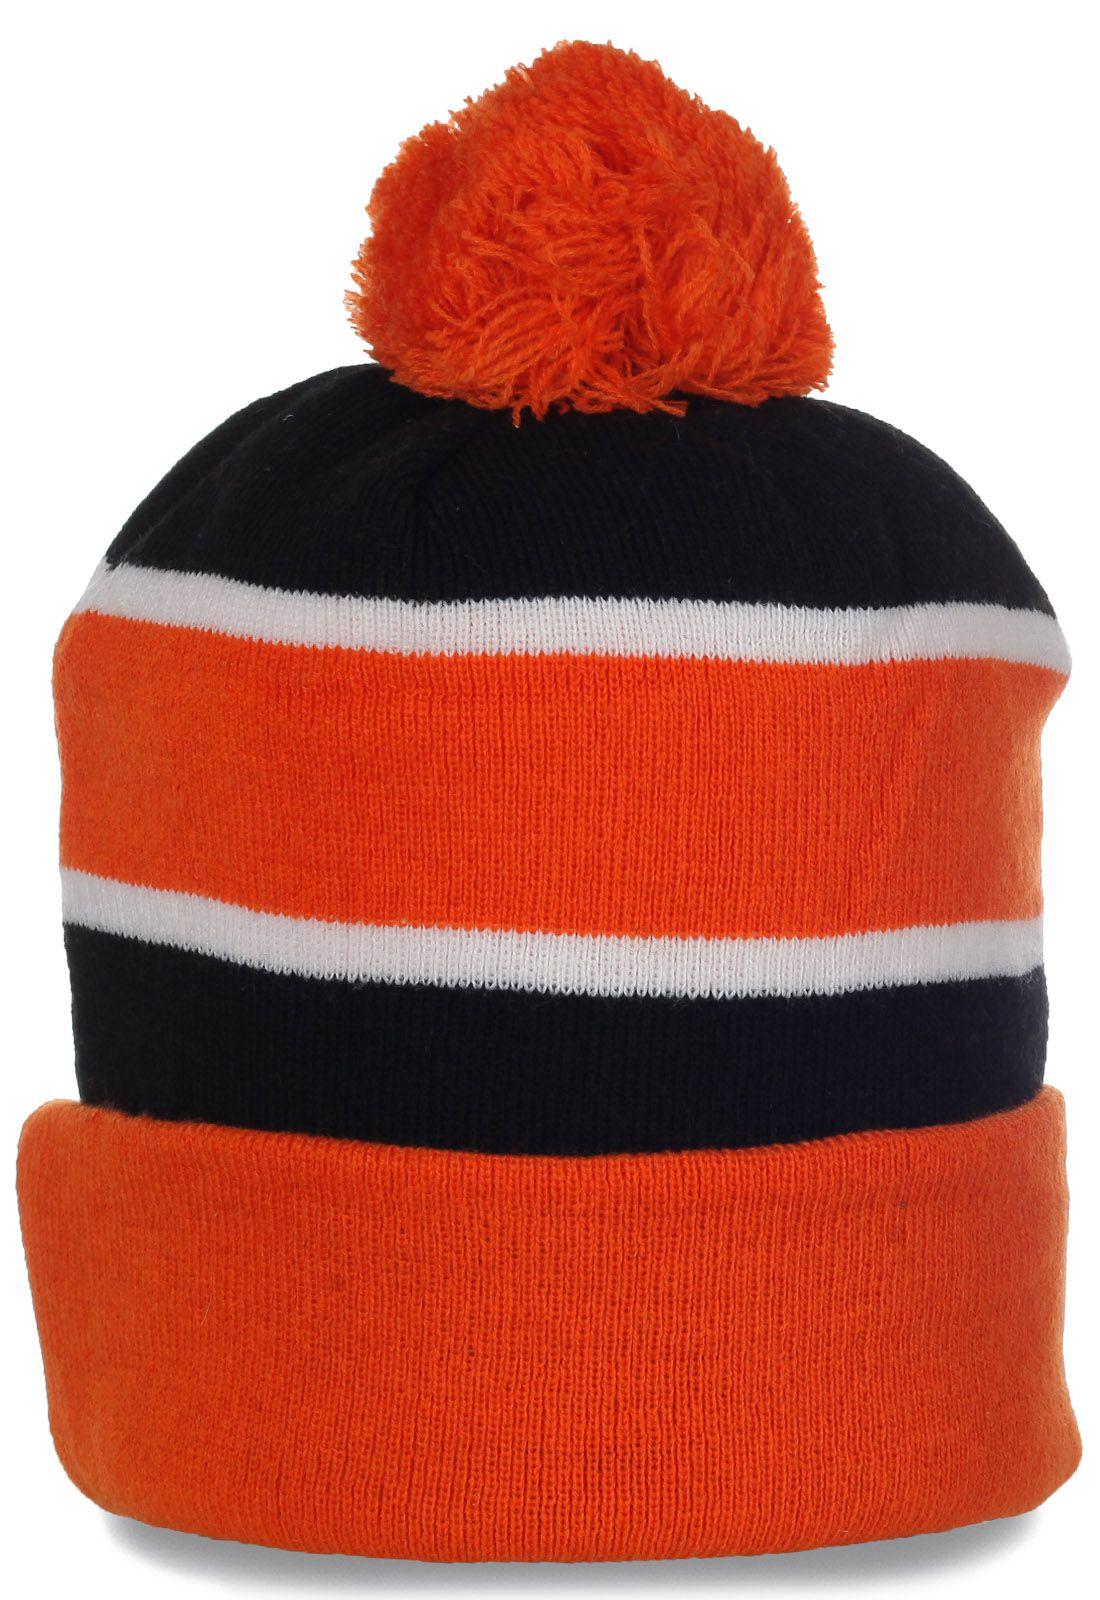 Яркая шапочка на флисе - ваше отличное настроение в зимний день!